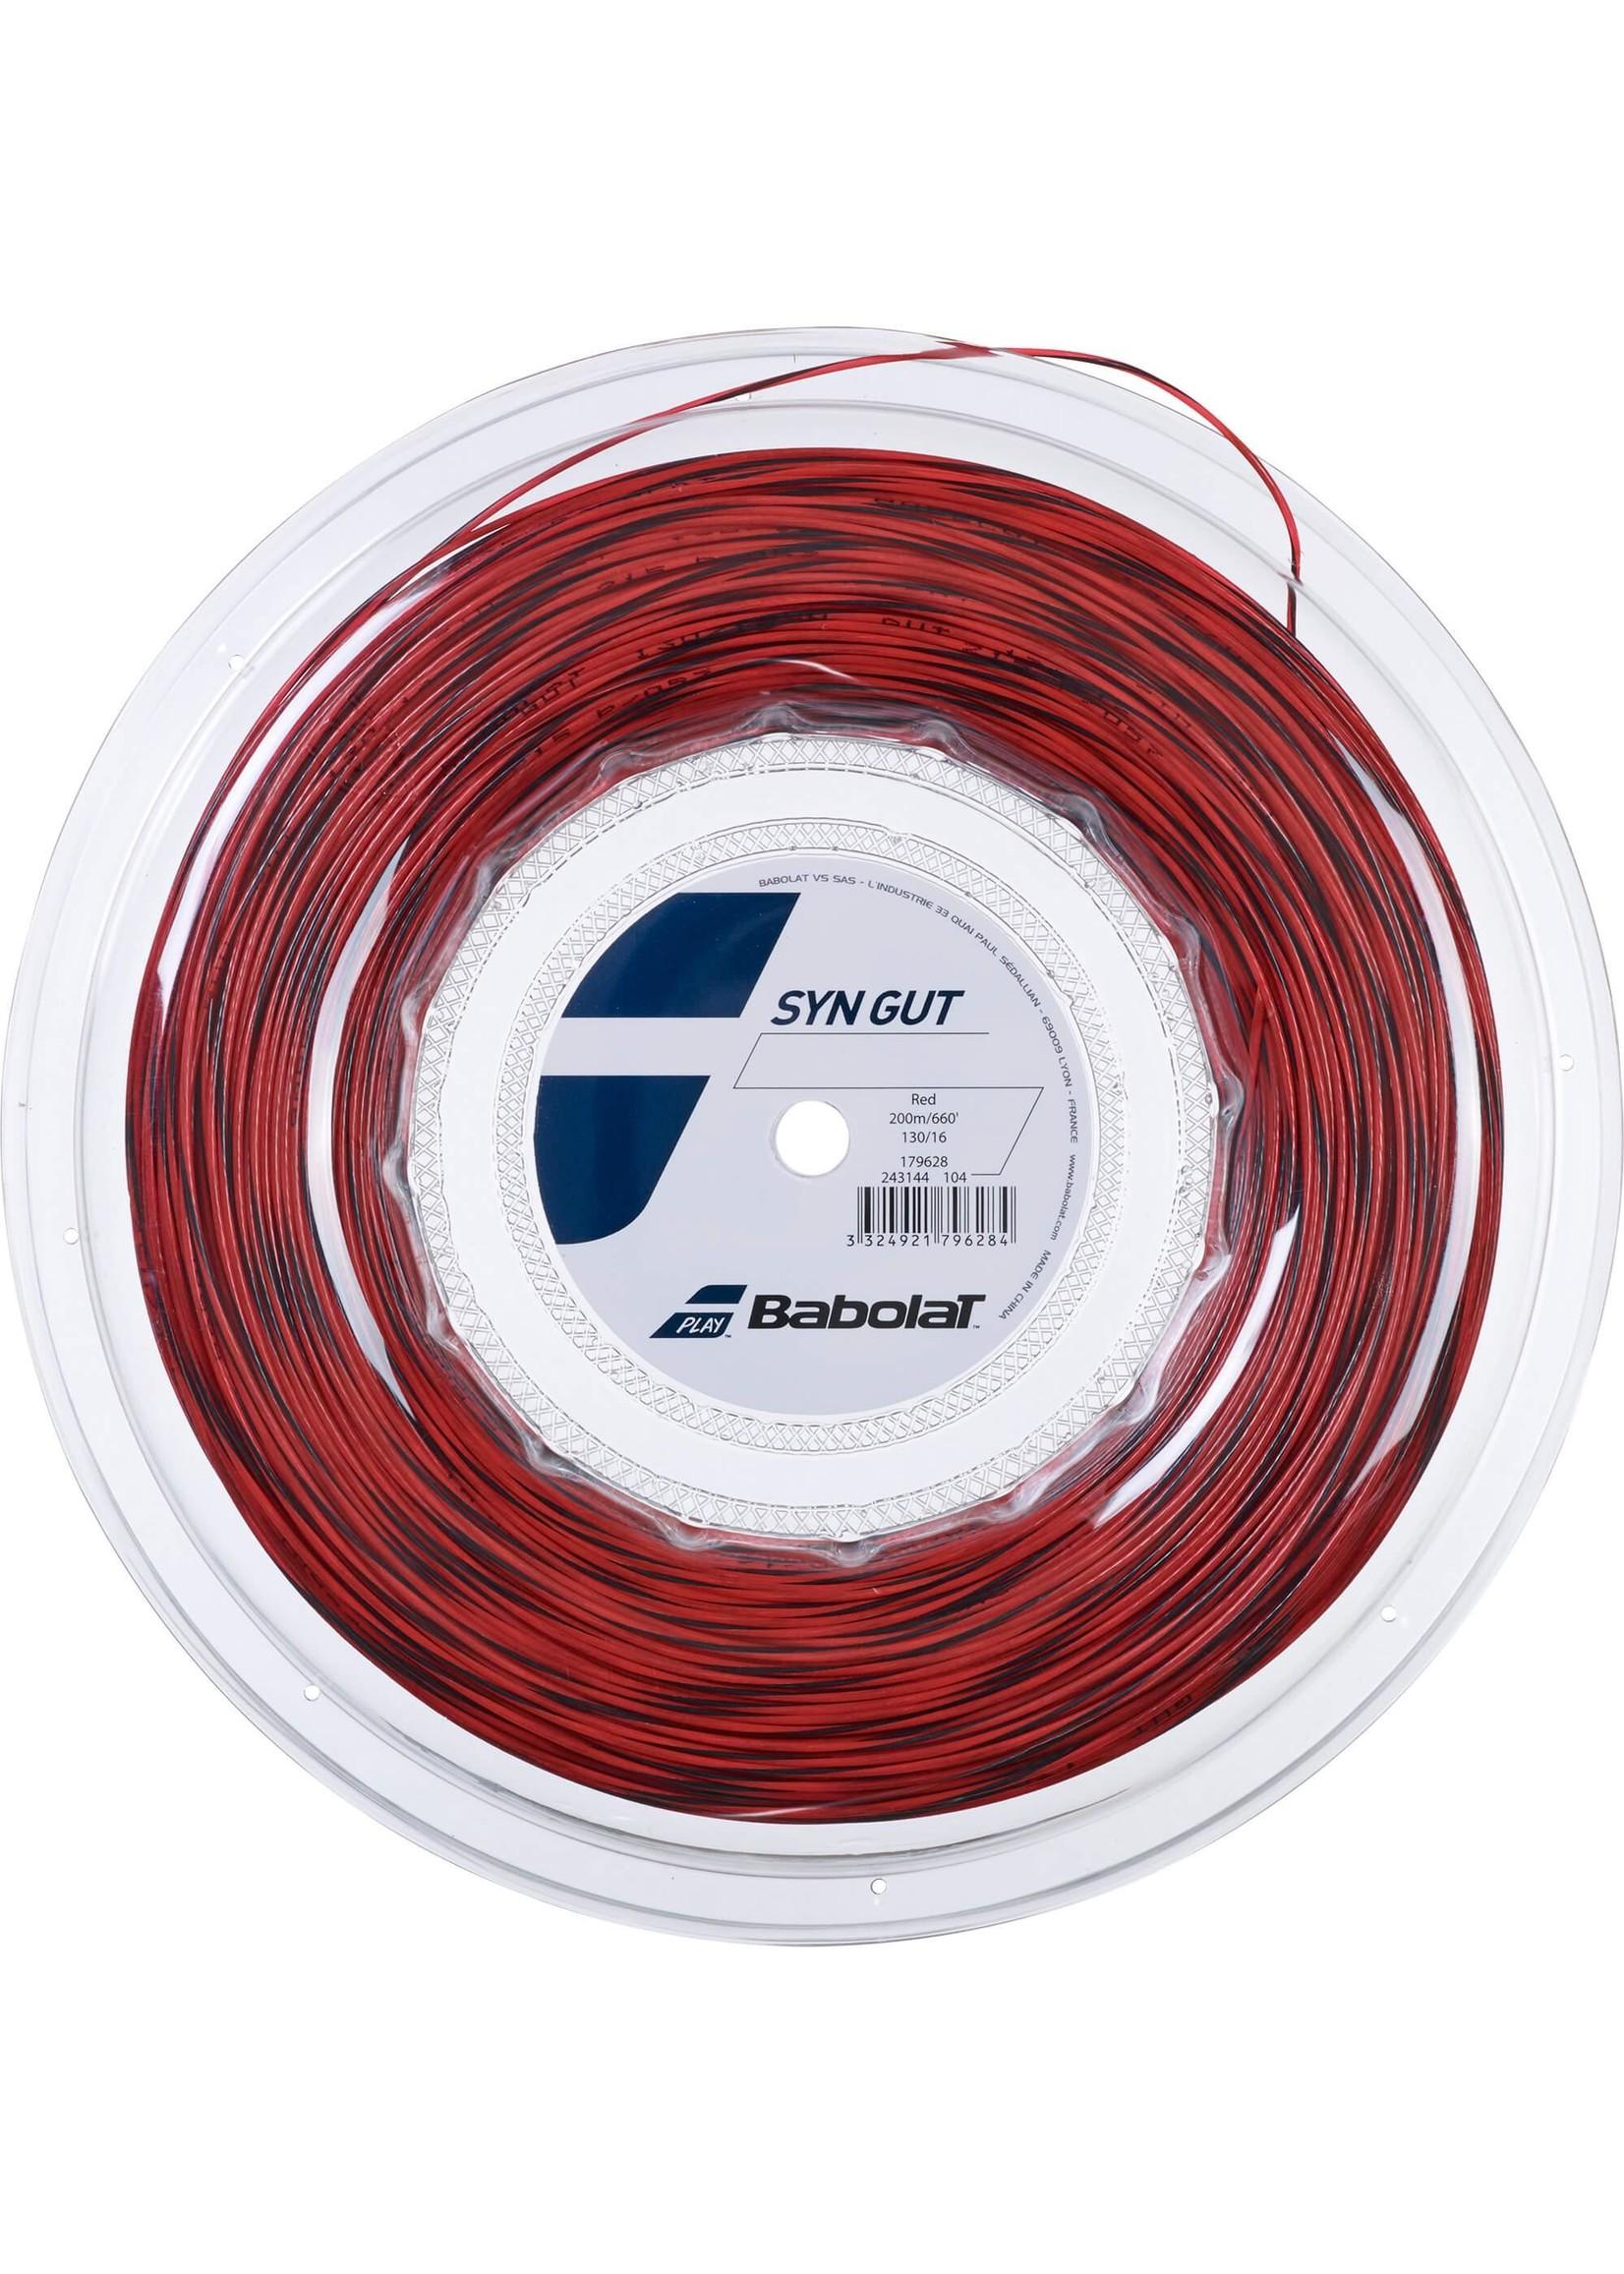 Babolat Babolat Syn Gut Tennis String - 200m Reel (Red)